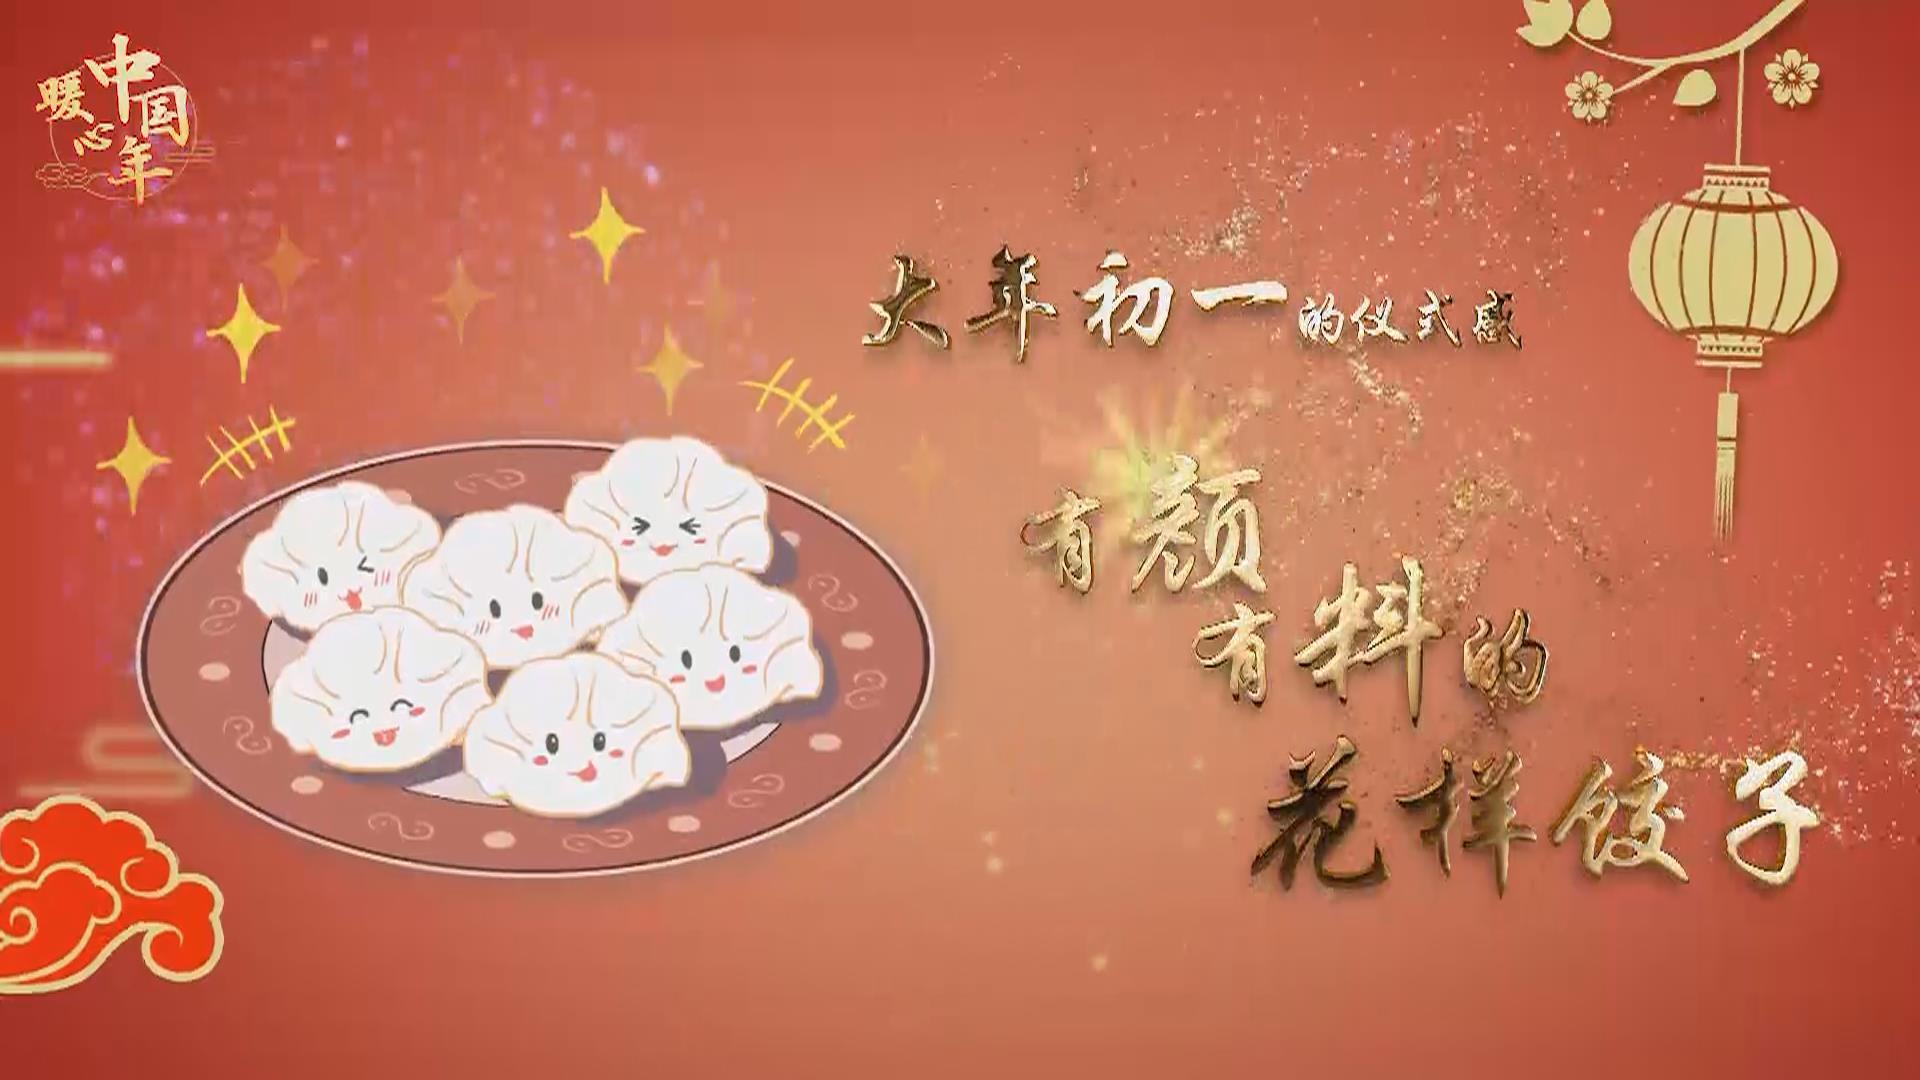 【暖心中国年】大年初一的仪式感 有颜有料的花样饺子